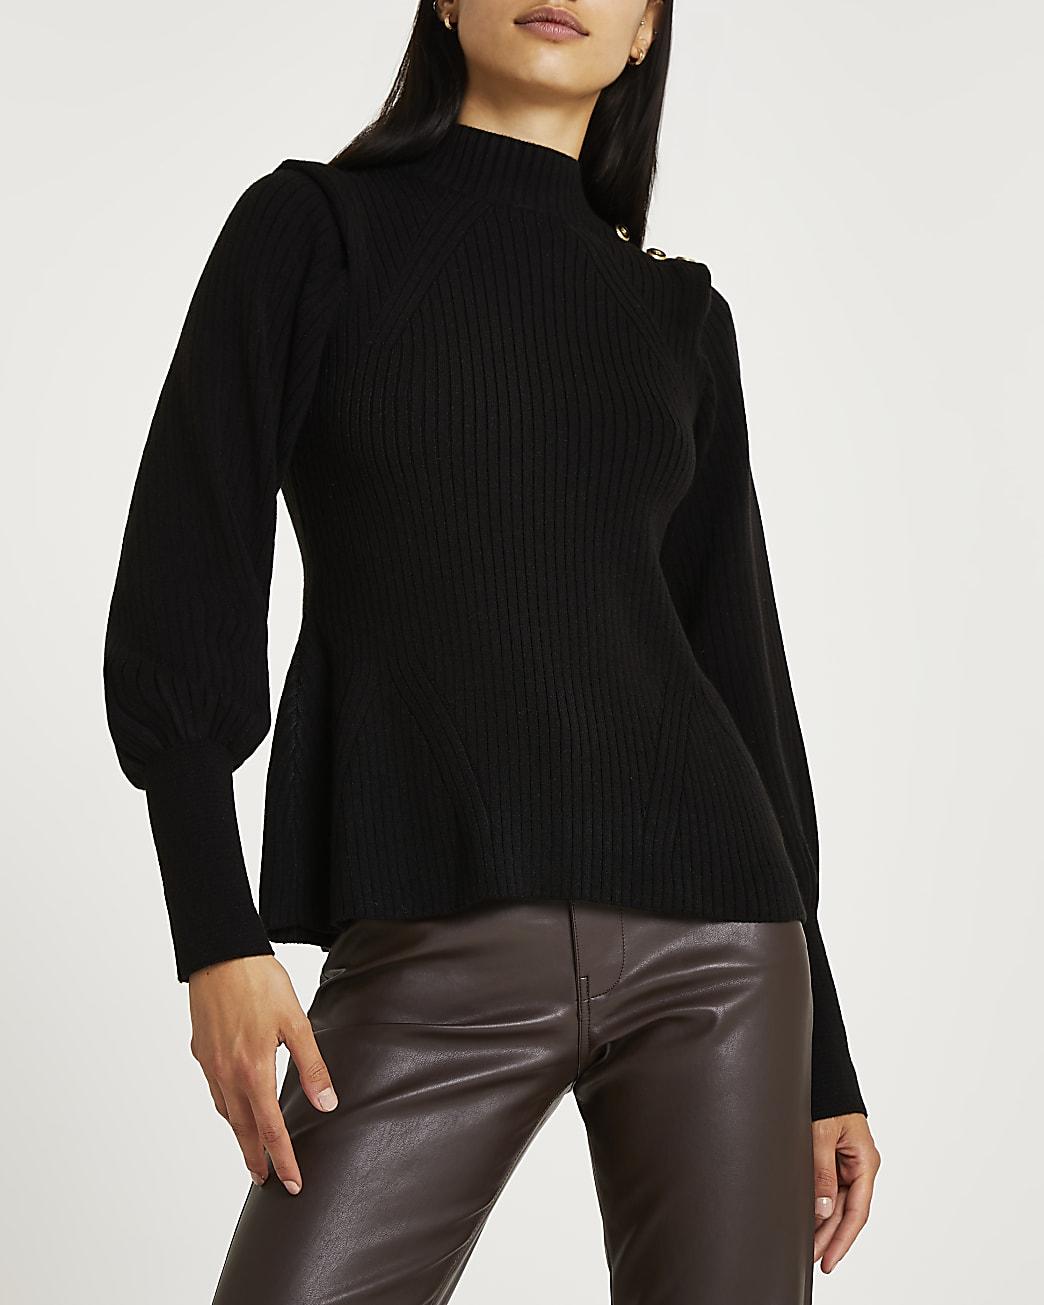 Black extended shoulder knit jumper